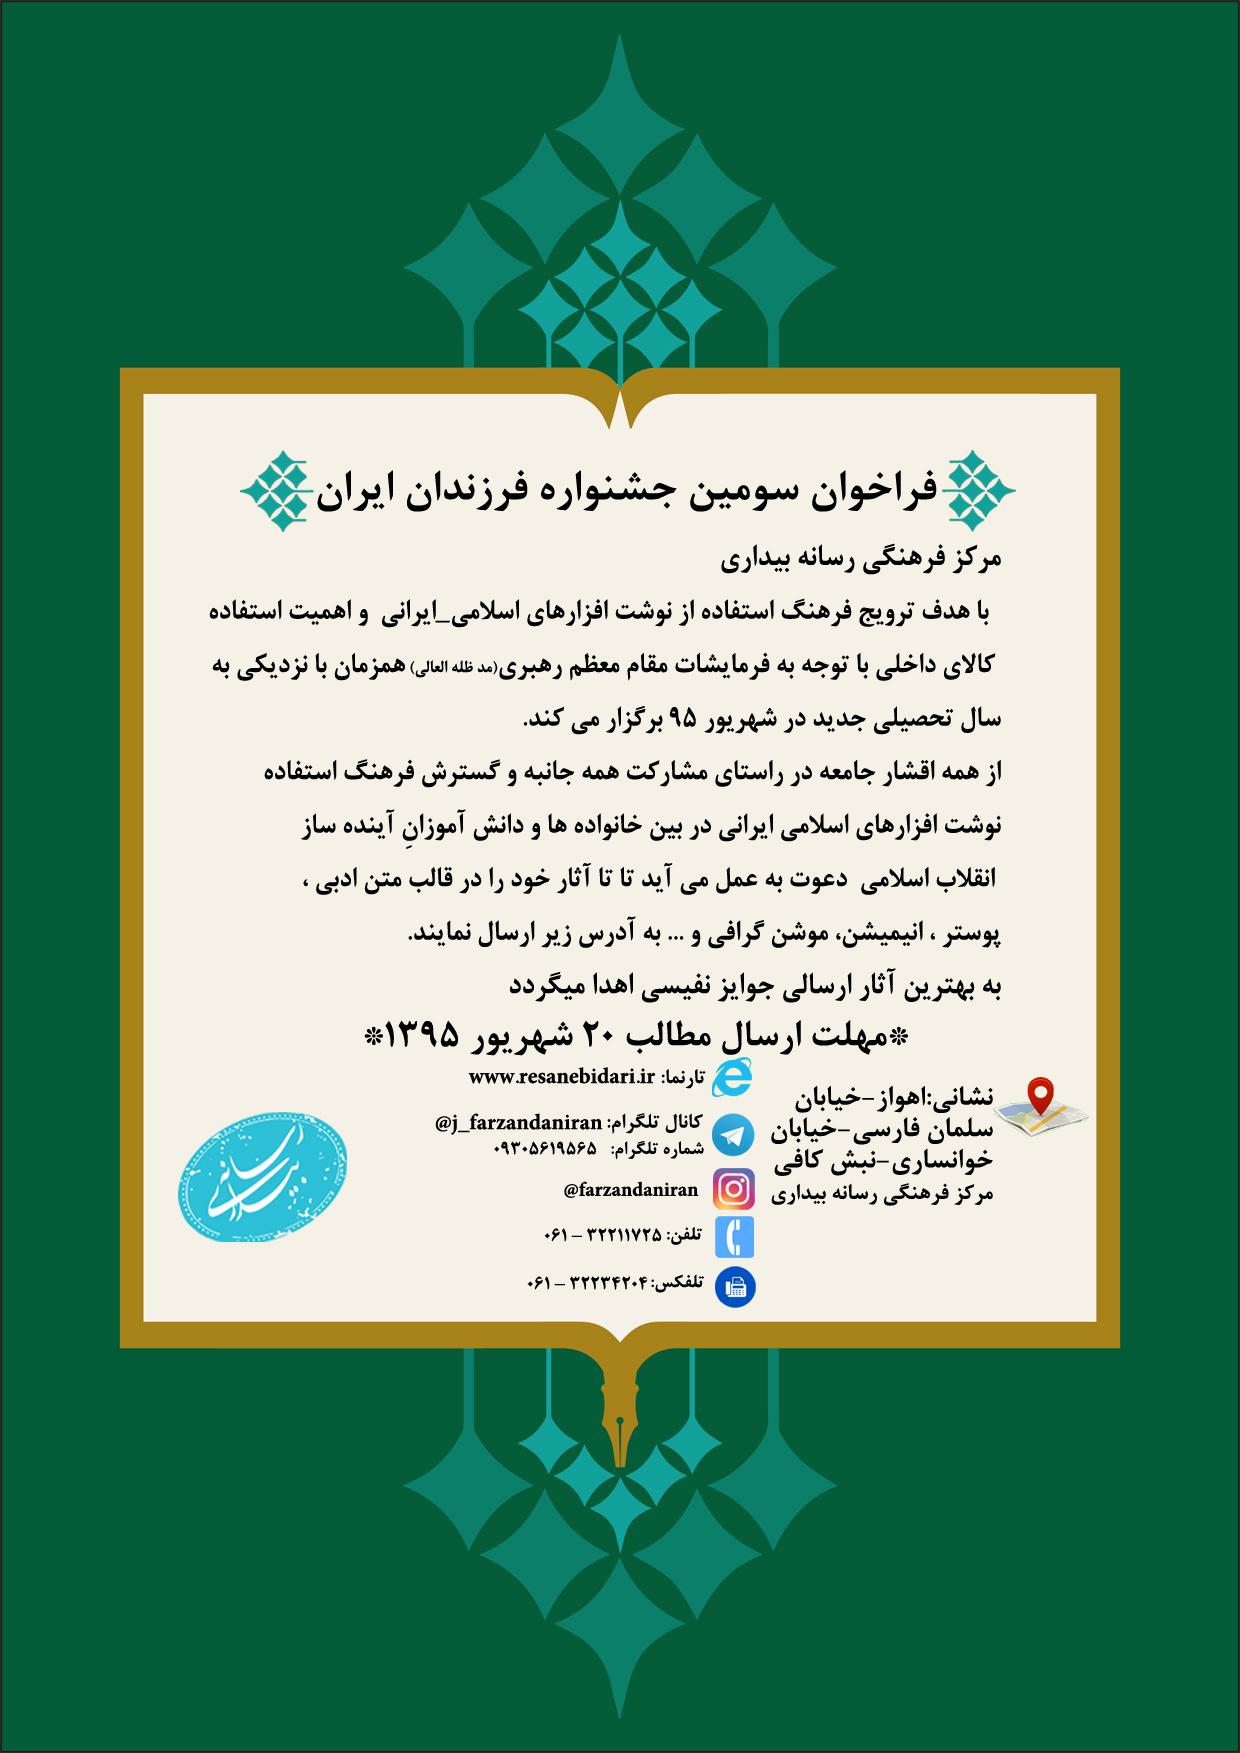 فراخوان سومین جشنواره فرزندان ایران مرکز فرهنگی رسانه بیداری